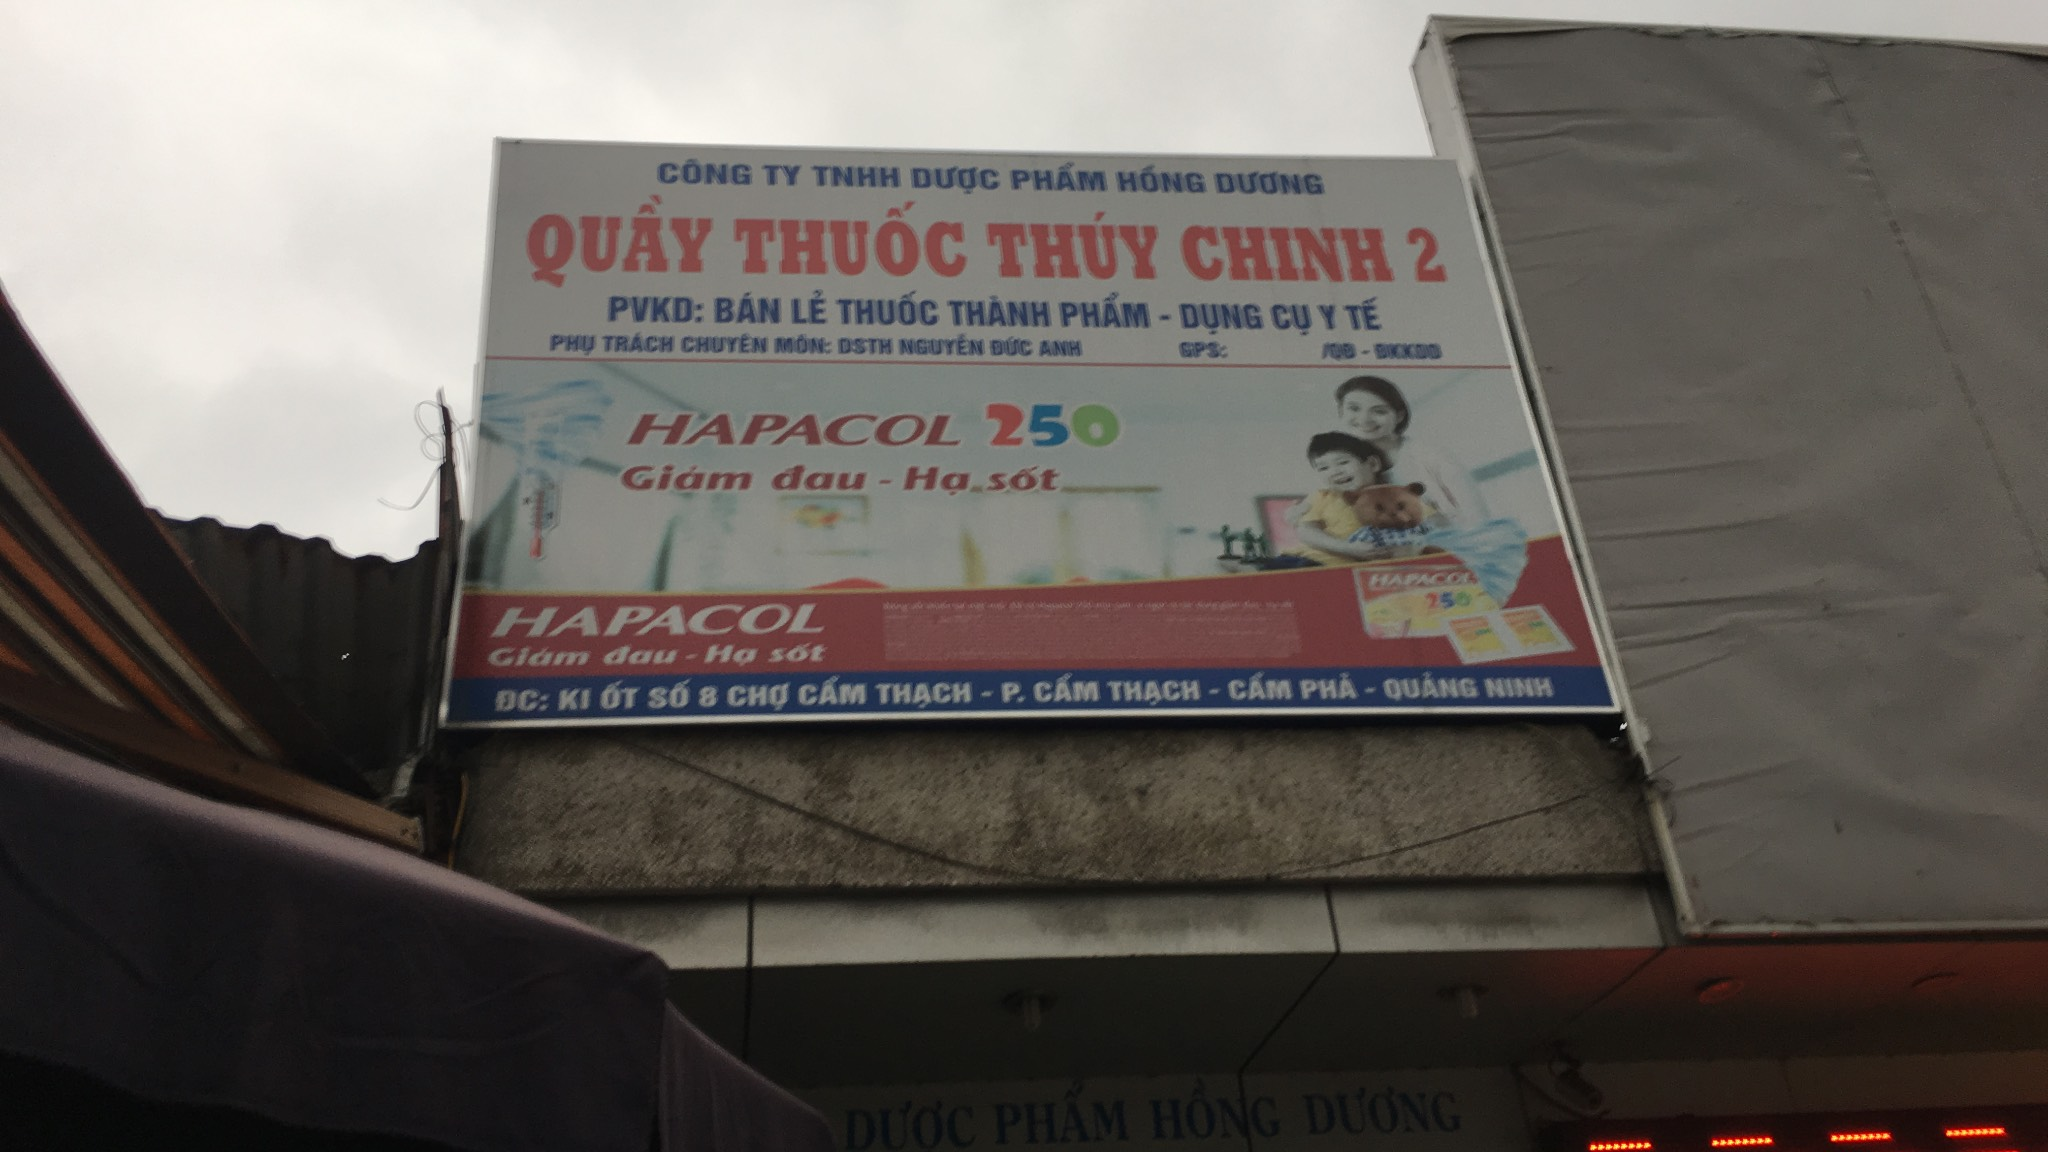 Công ty TNHH Dược phẩm Hồng Dương - Quầy thuốc Thúy Chinh 2